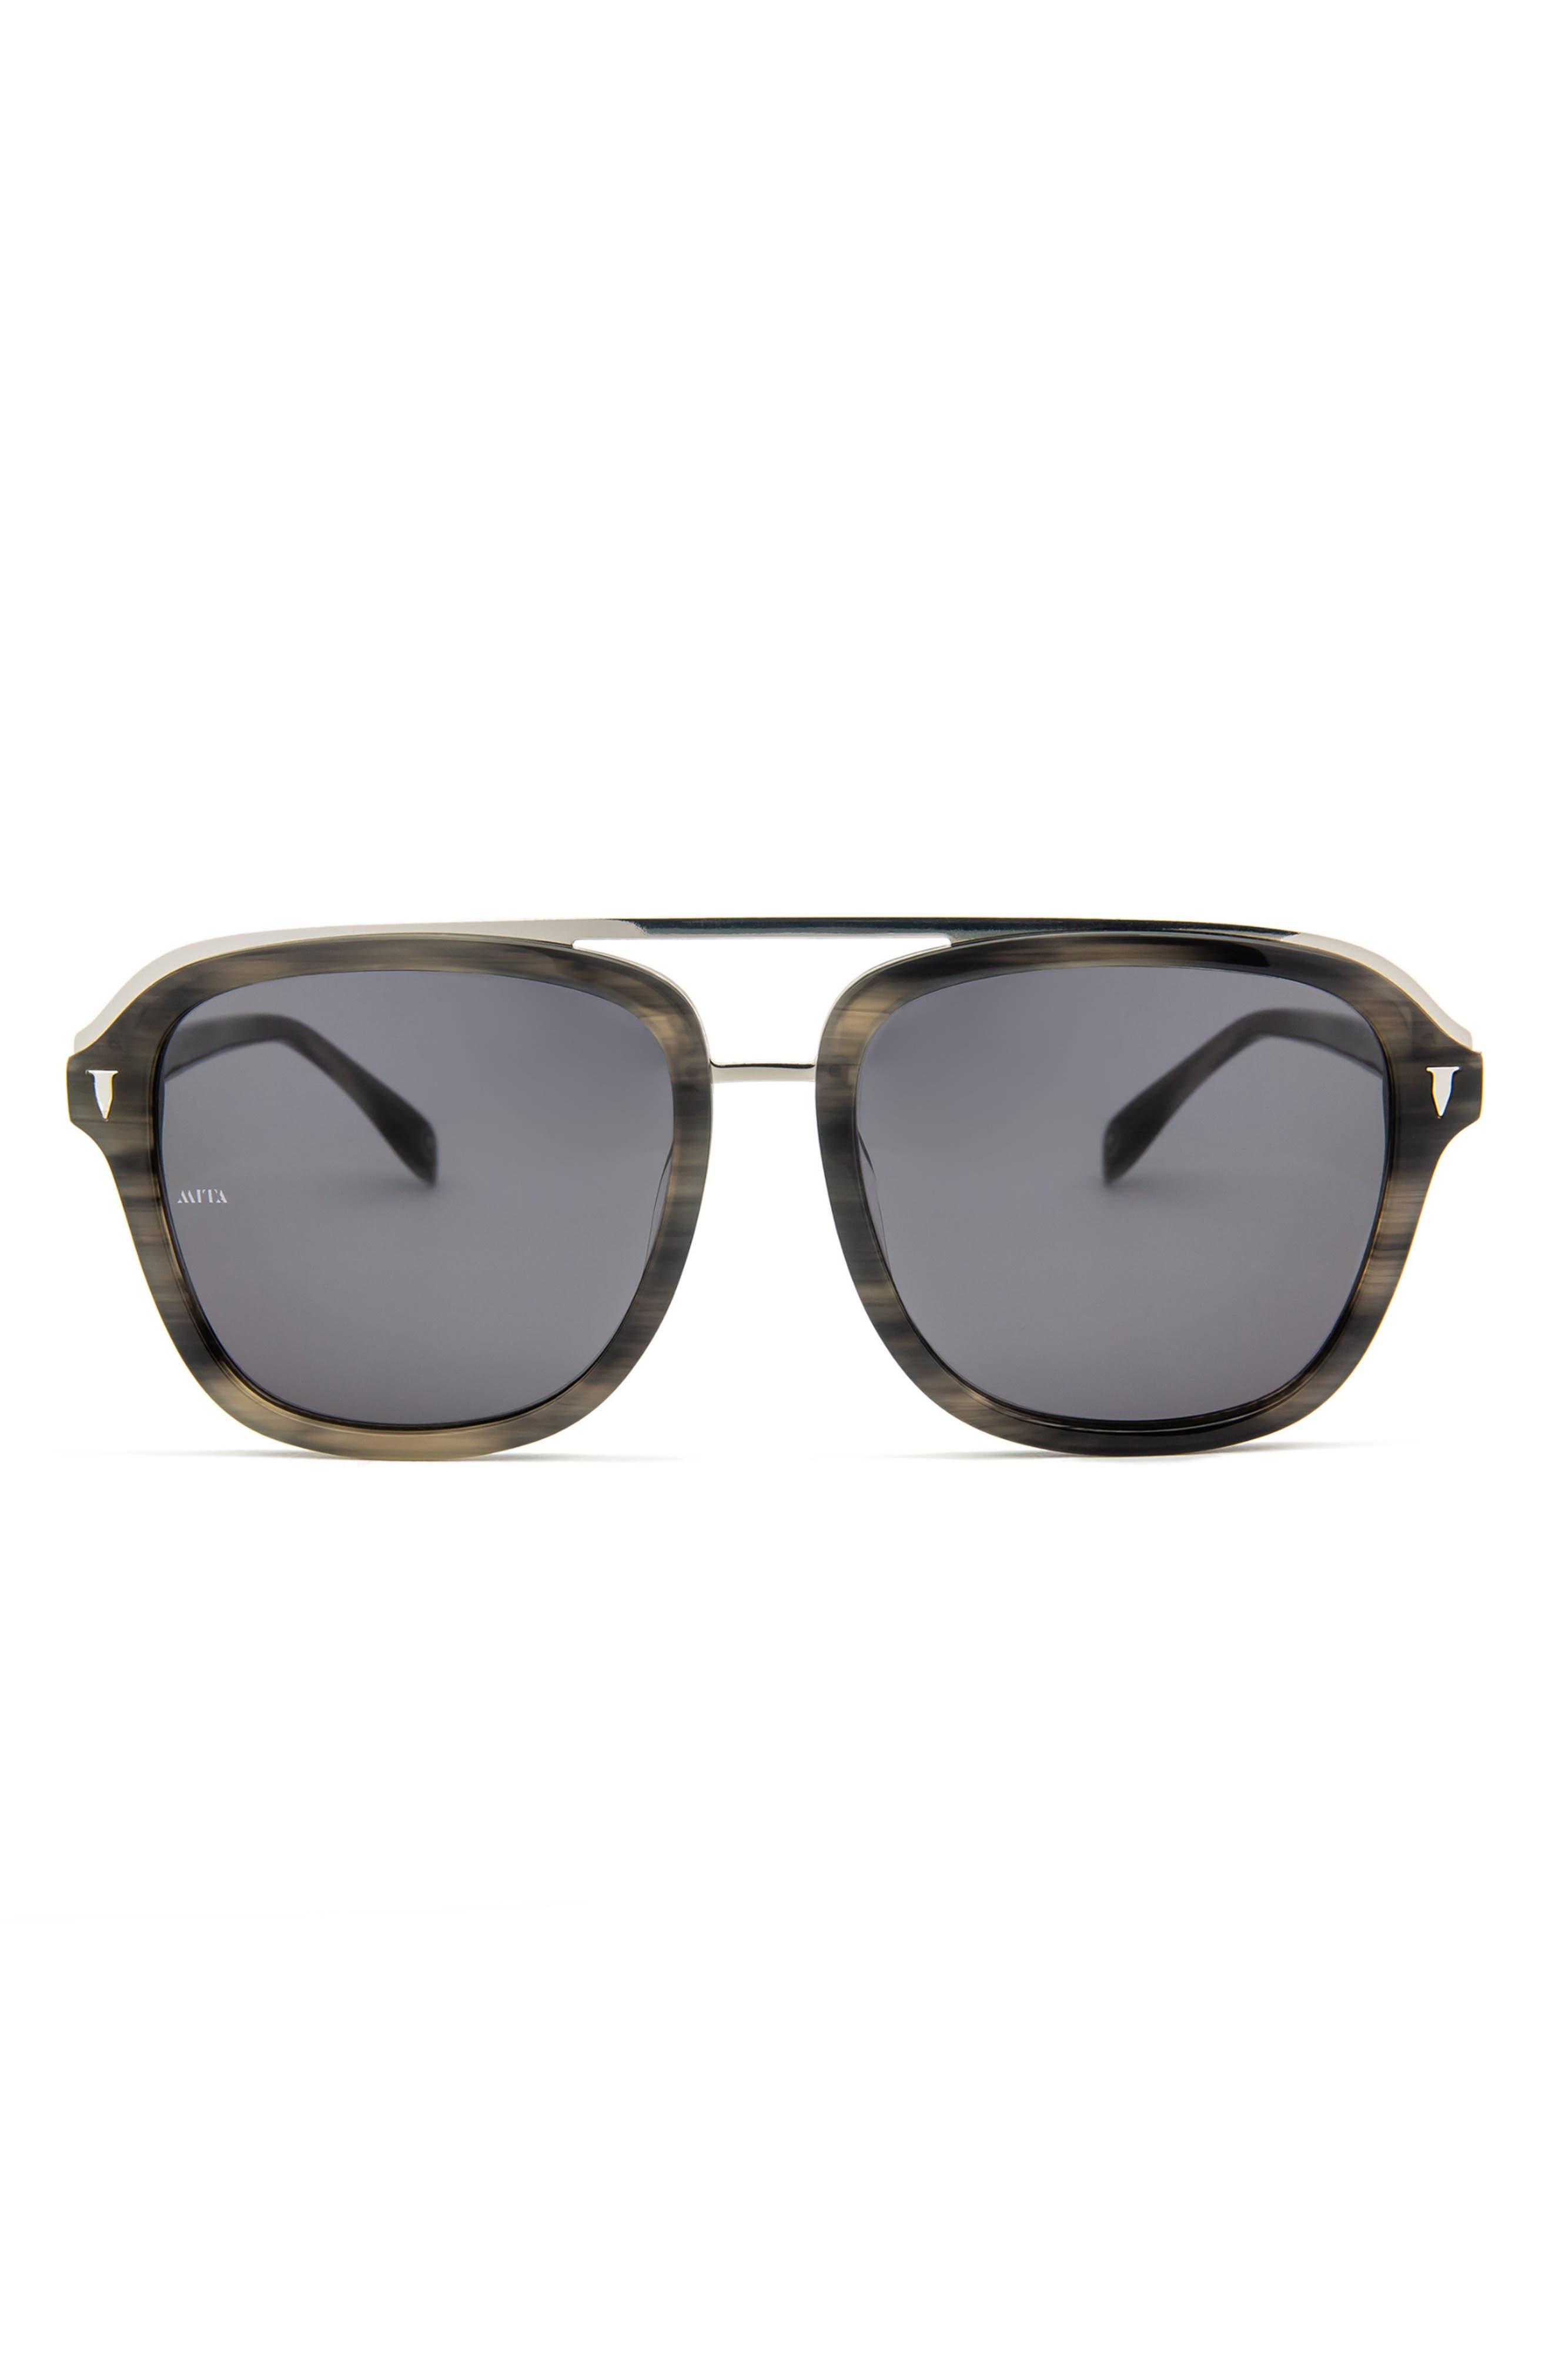 Lincoln 57mm Square Sunglasses